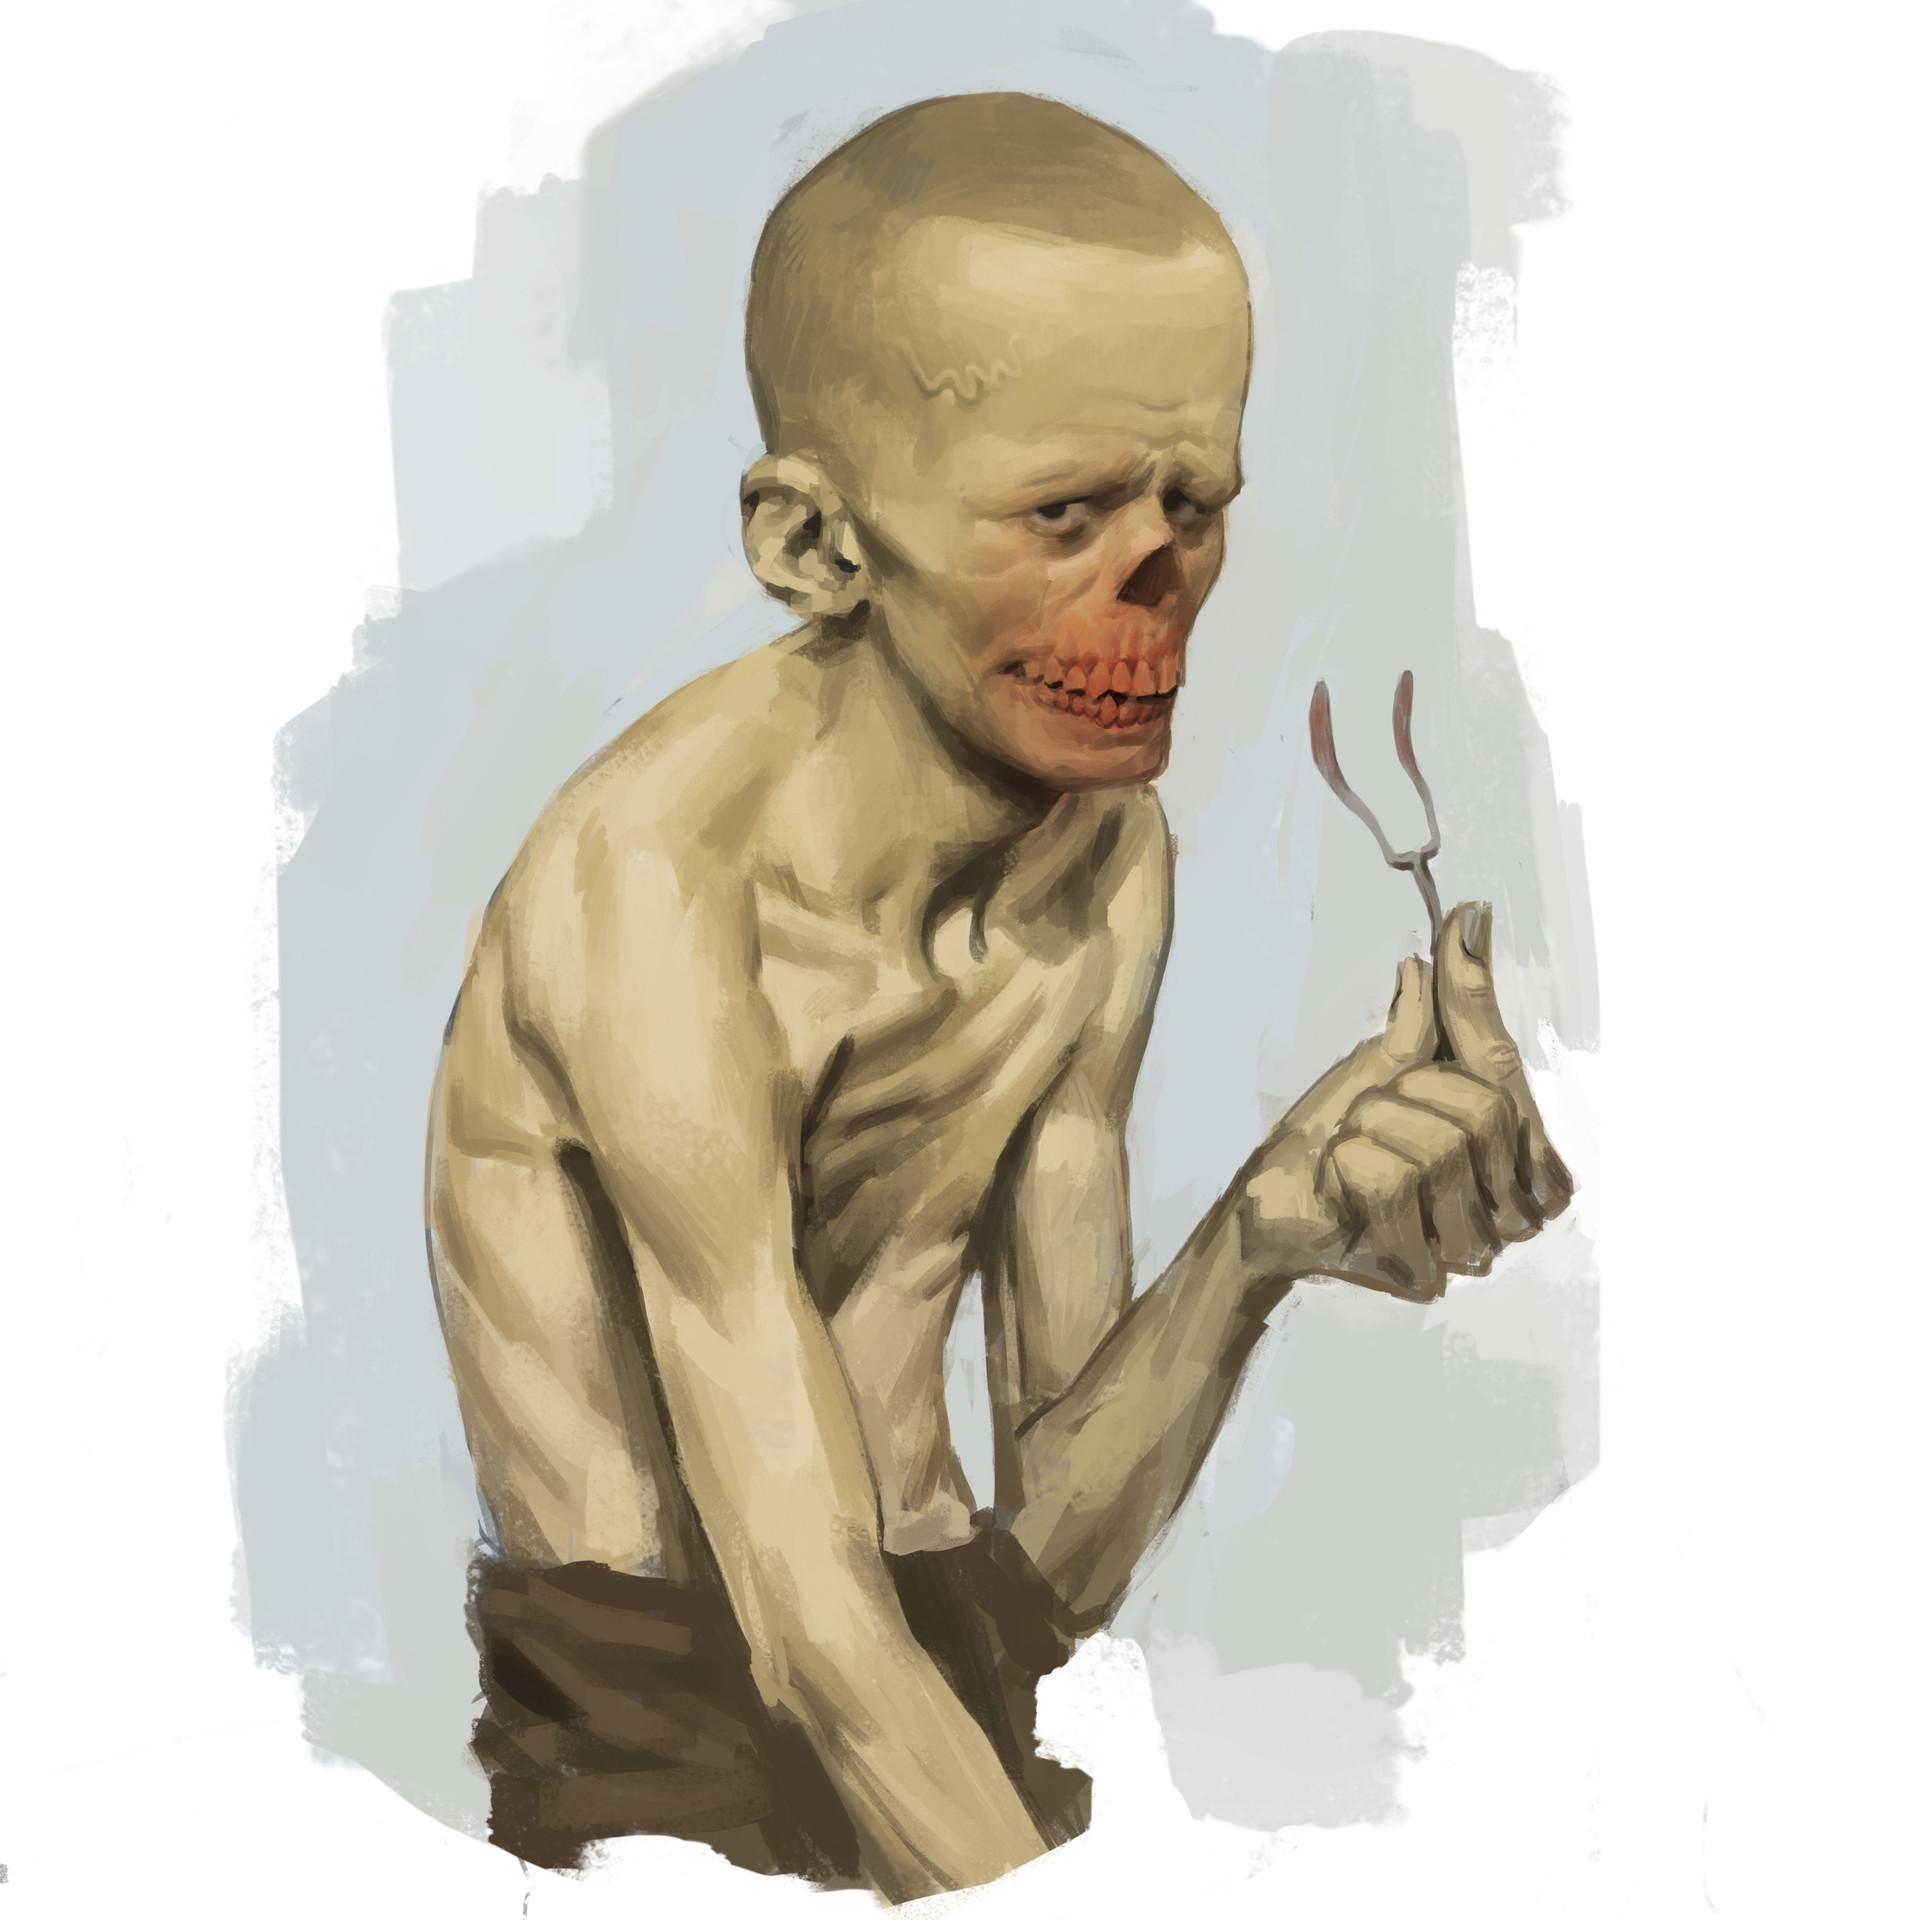 Jens claessens zombiesketch